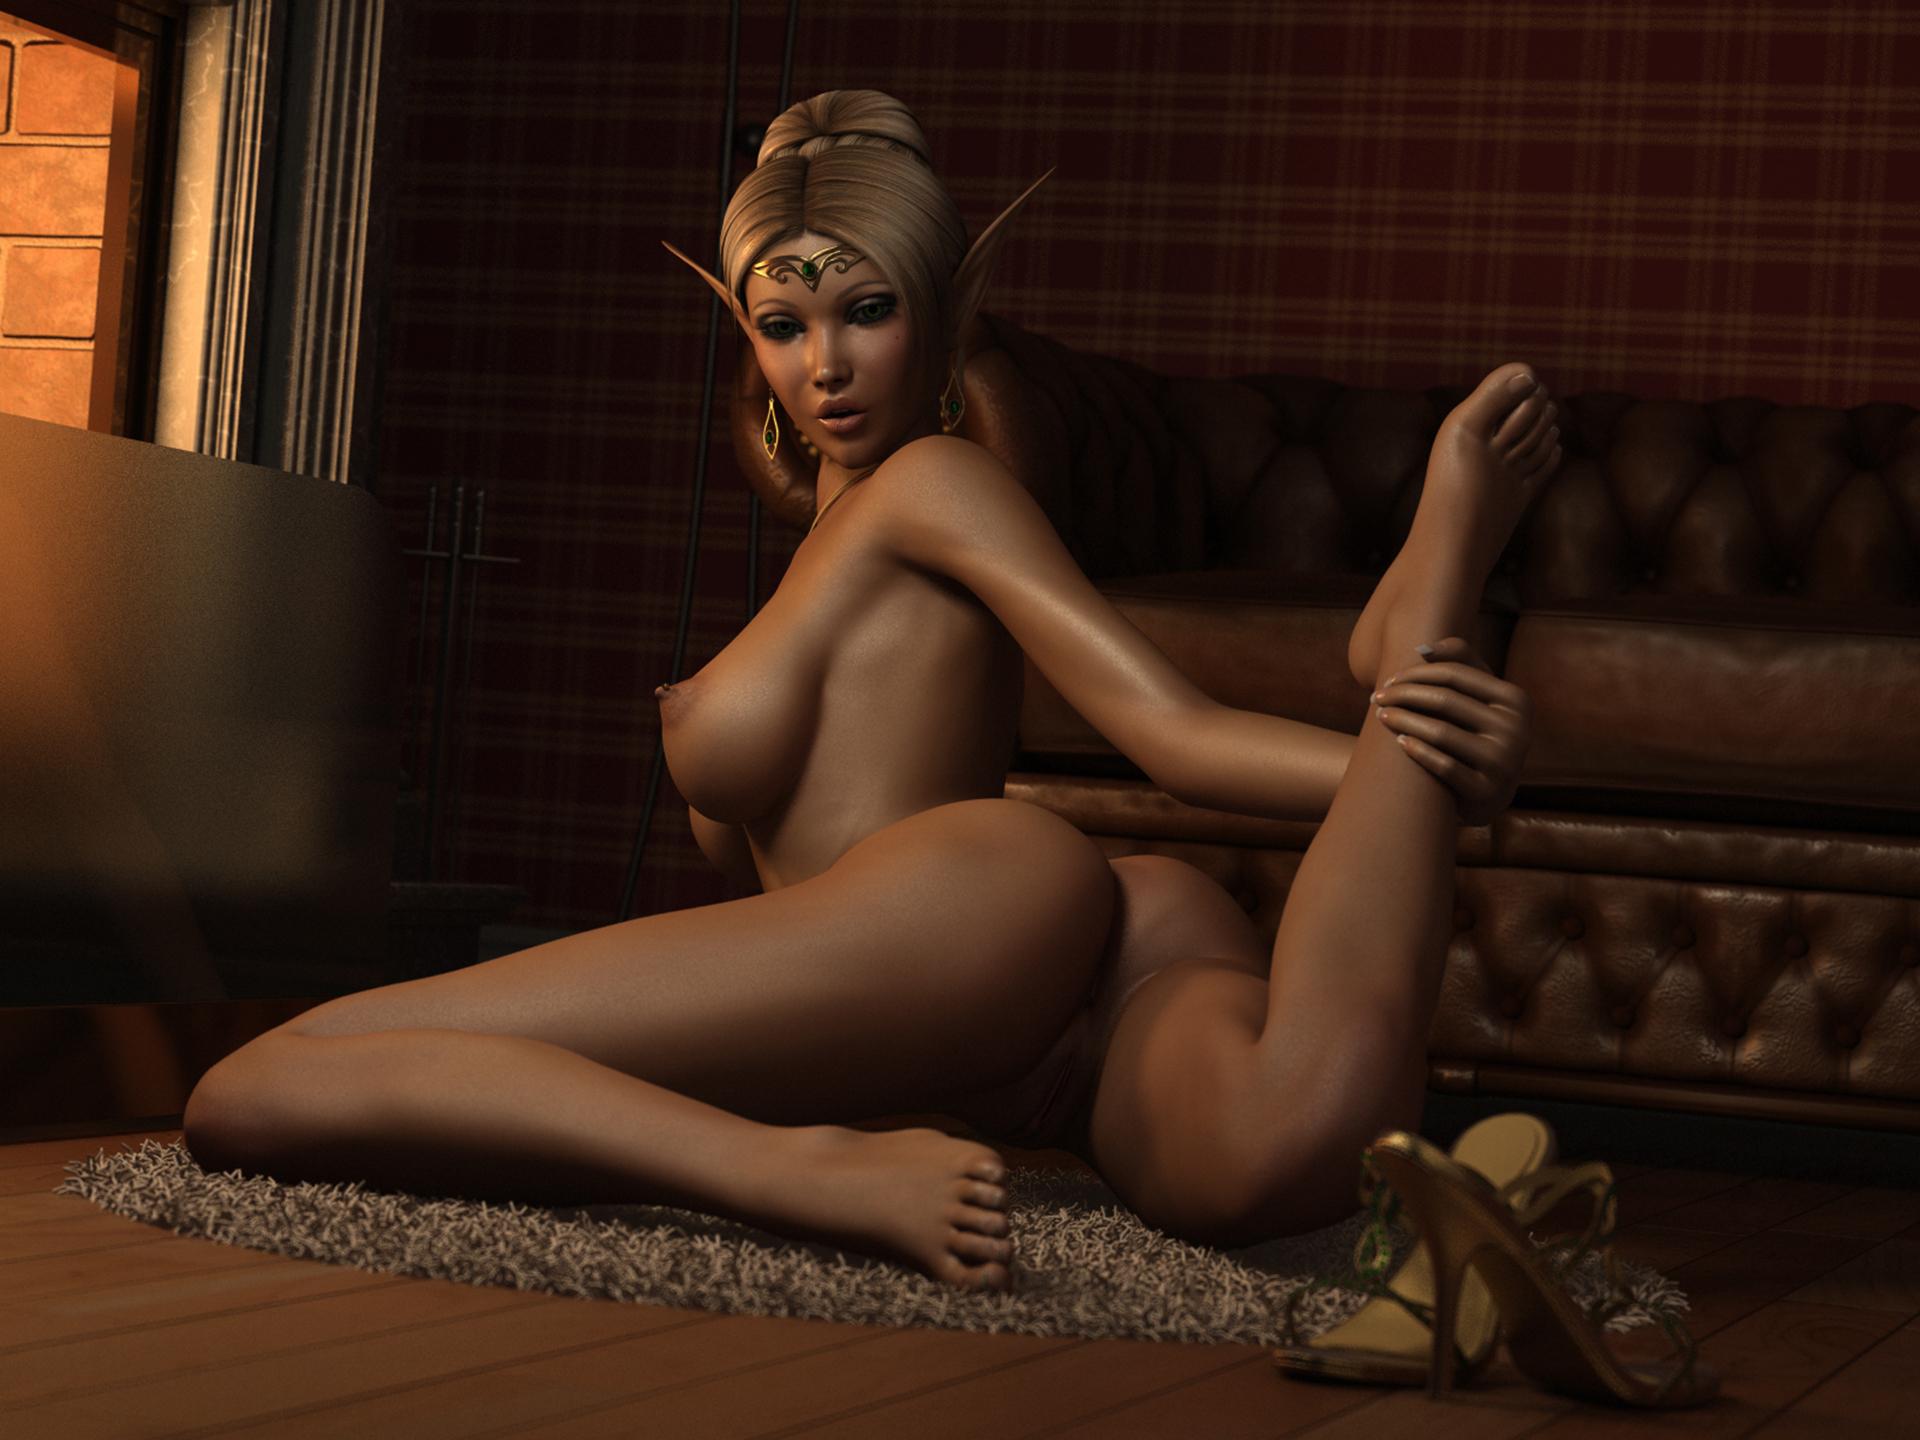 Эльфийки эротические фото 26 фотография